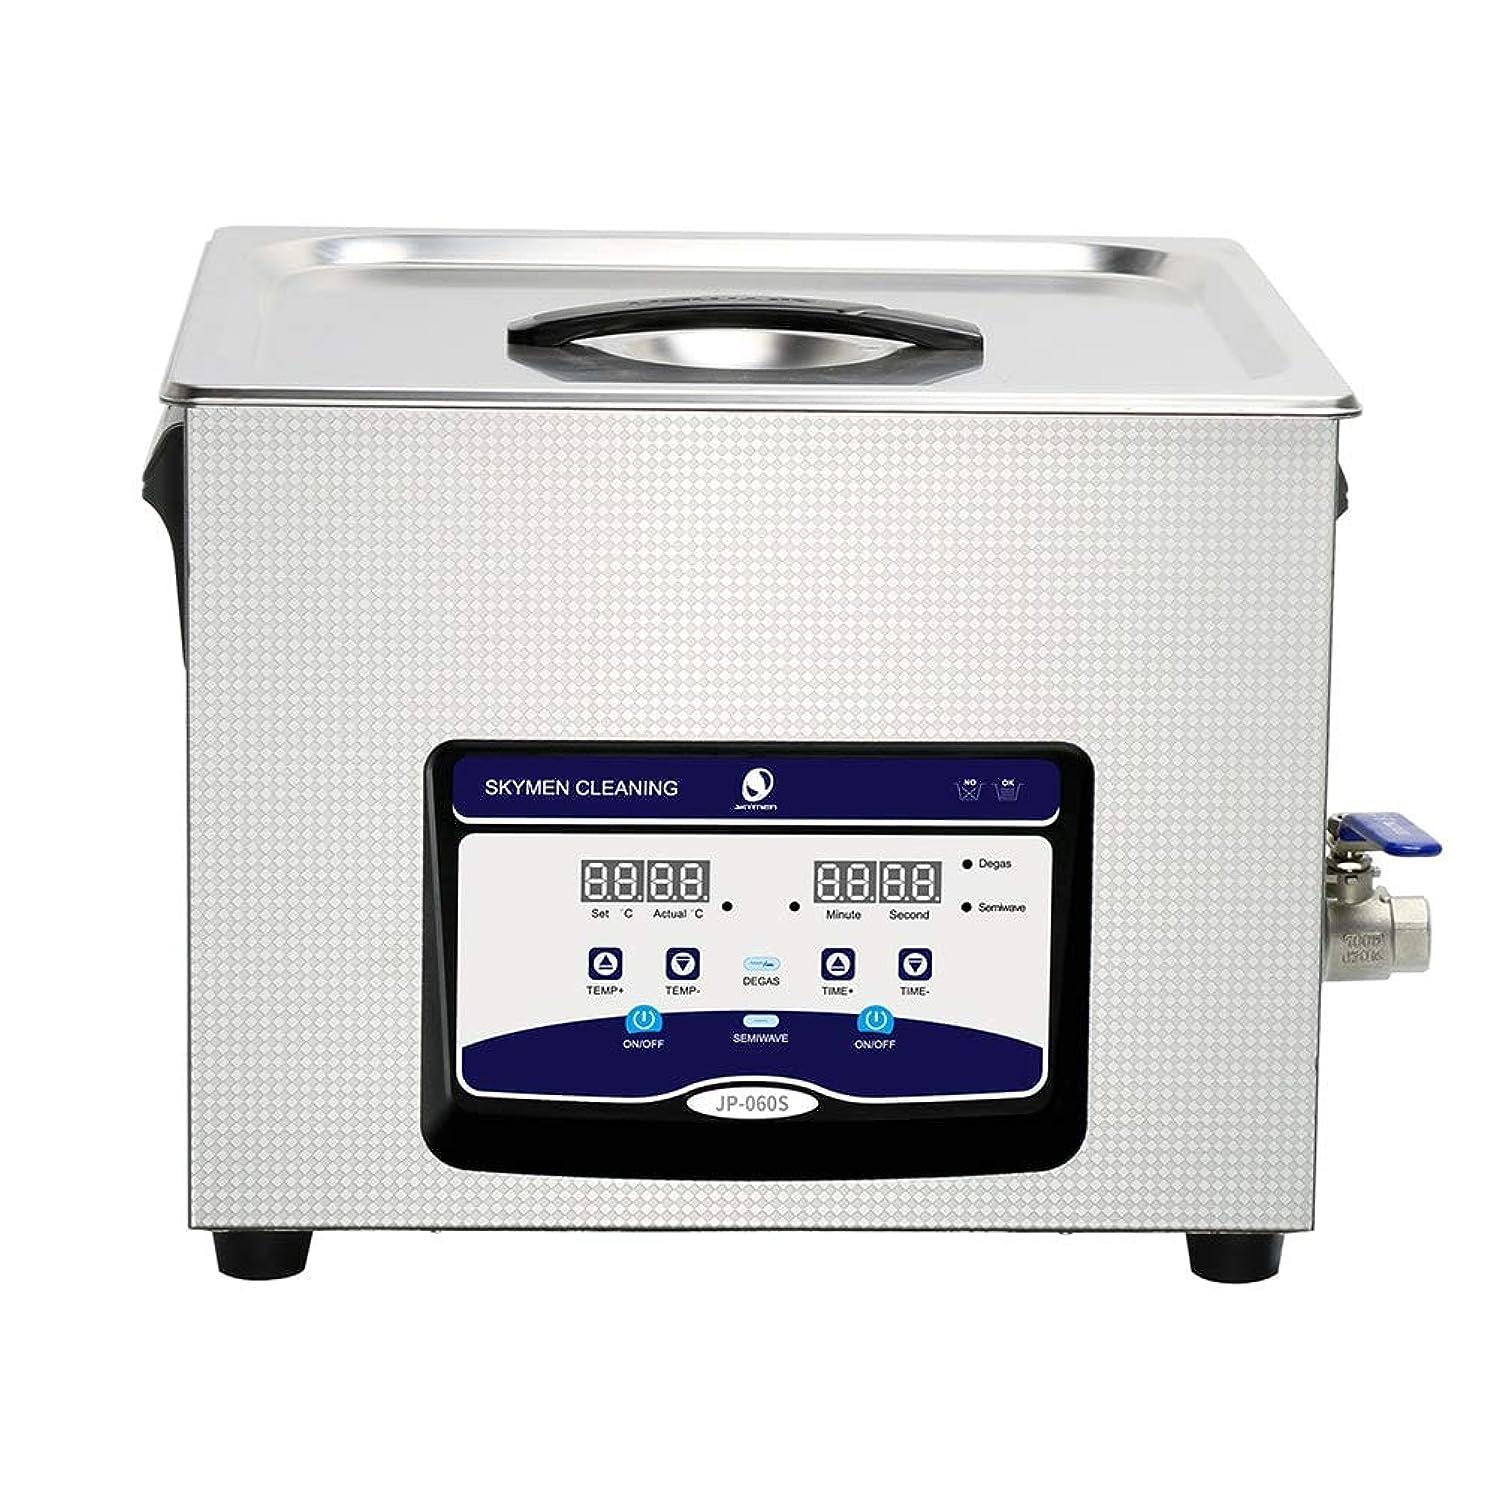 あえぎと組む比較的SKYMEN 超音波洗浄機超音波クリーナー超音波洗浄器ソニックウェーブ洗浄機(JP-060S 360W)